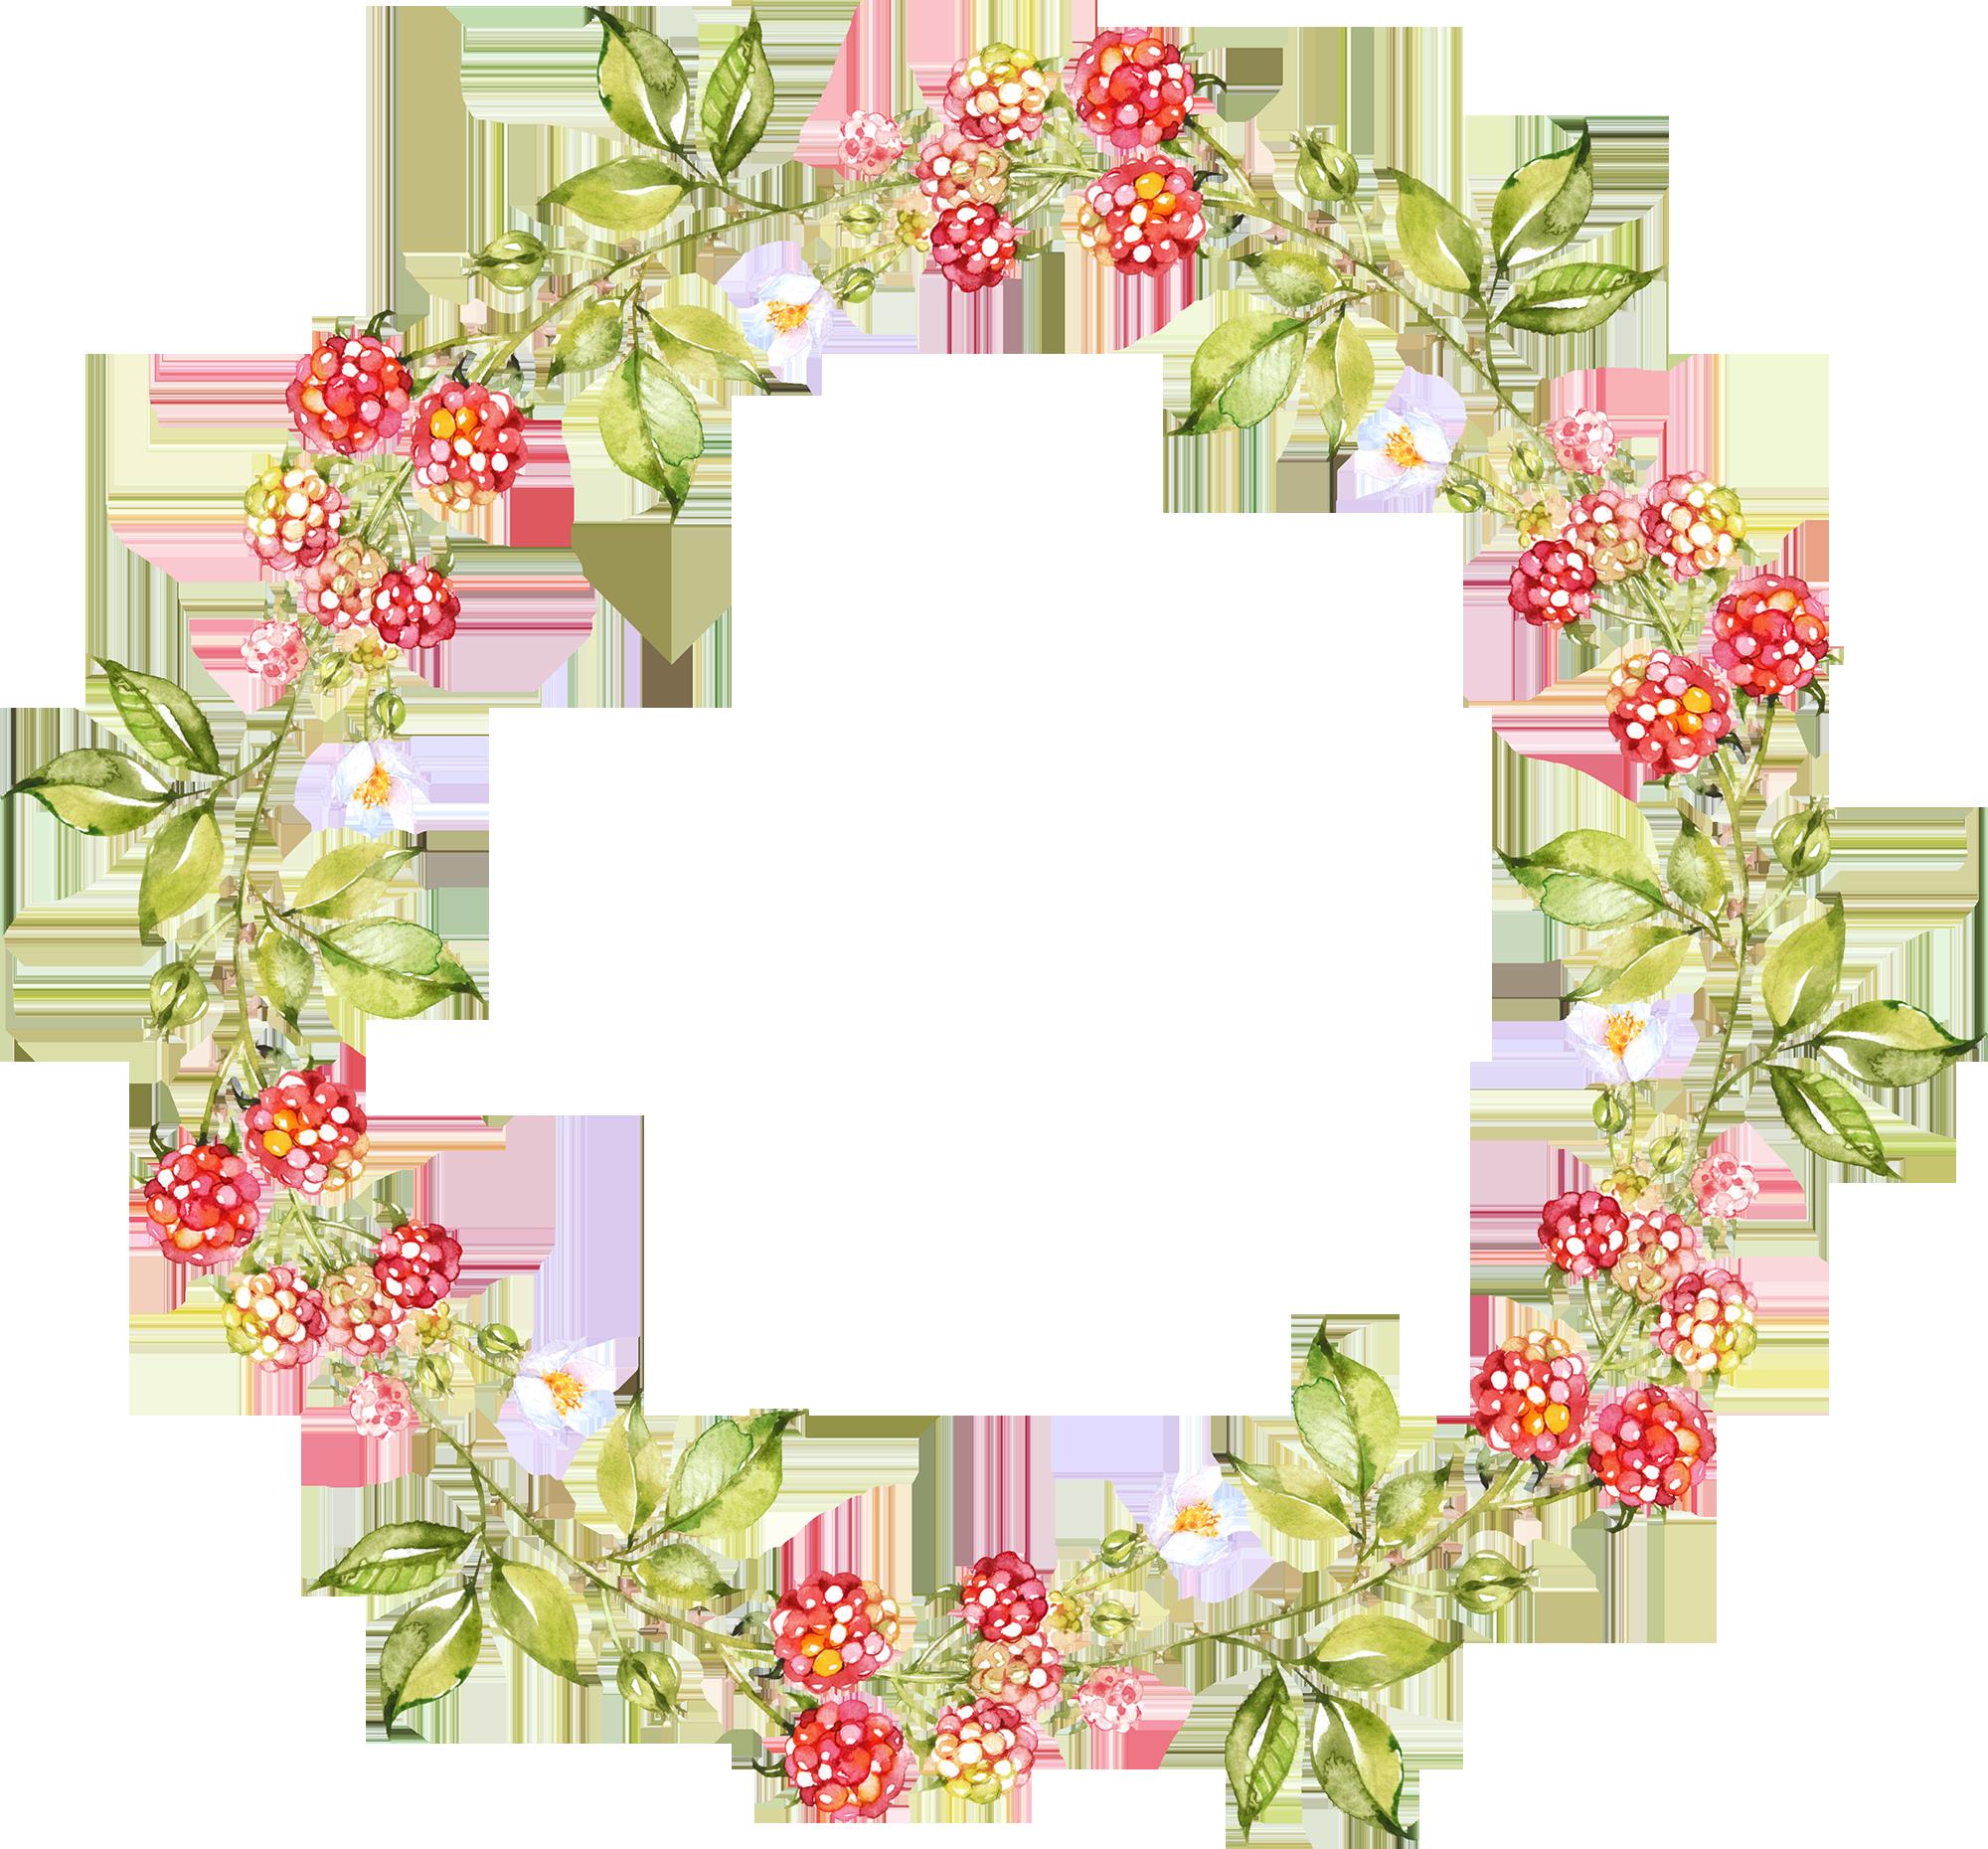 Strawberries clipart wreath. Pin by zaproszenia lubne